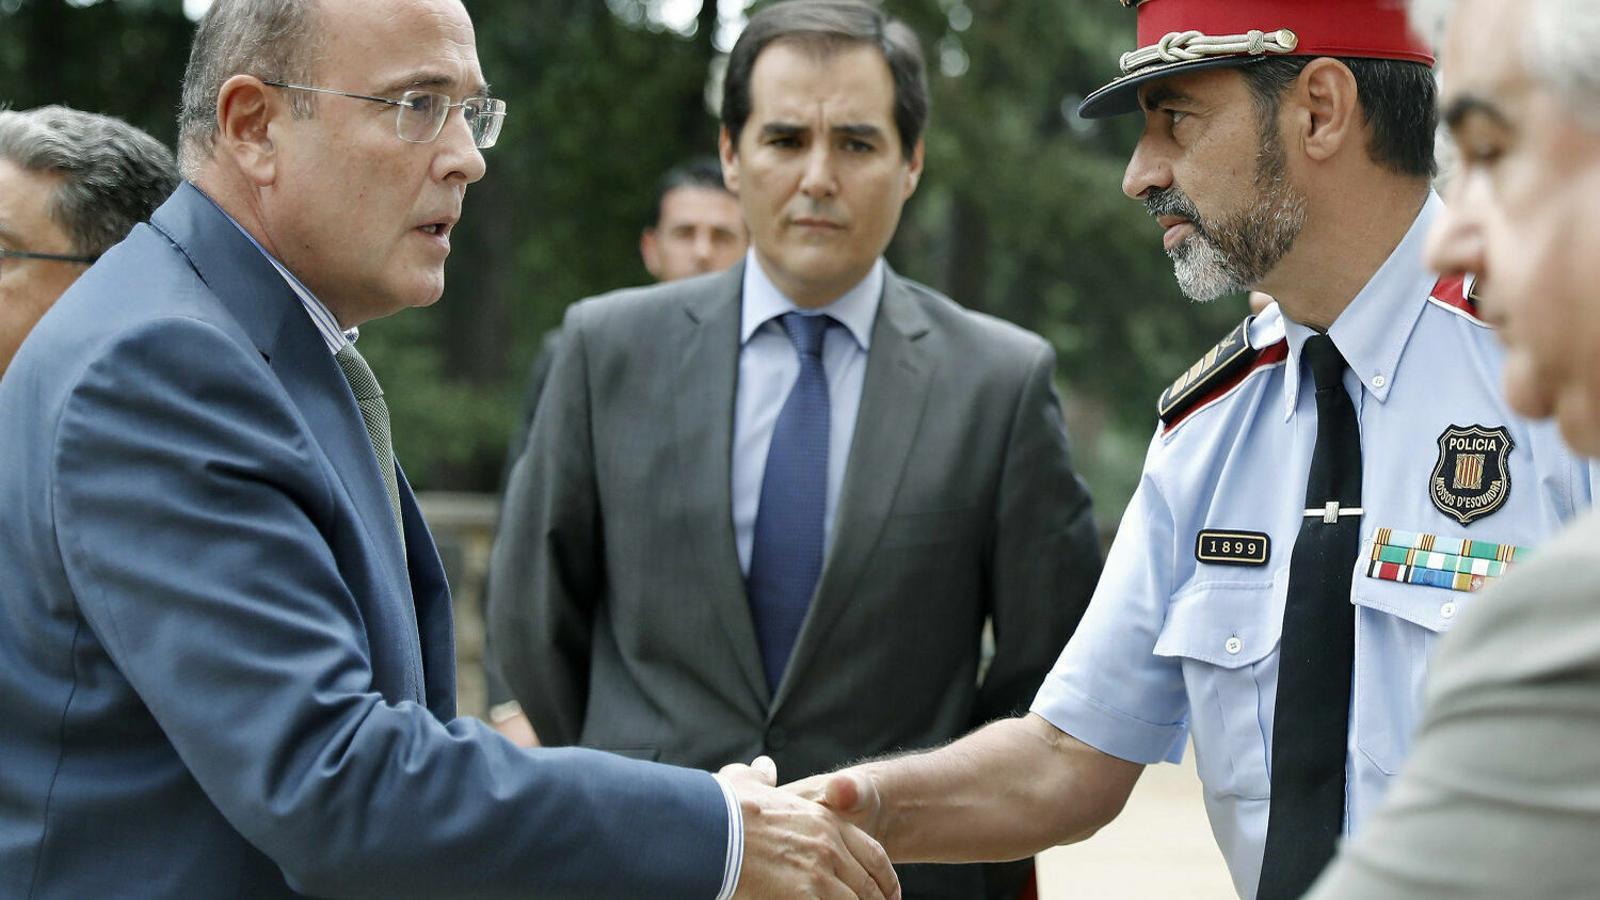 """L'anàlisi d'Antoni Bassas: """"Per què diuen llei quan volen dir unitat d'Espanya?"""""""